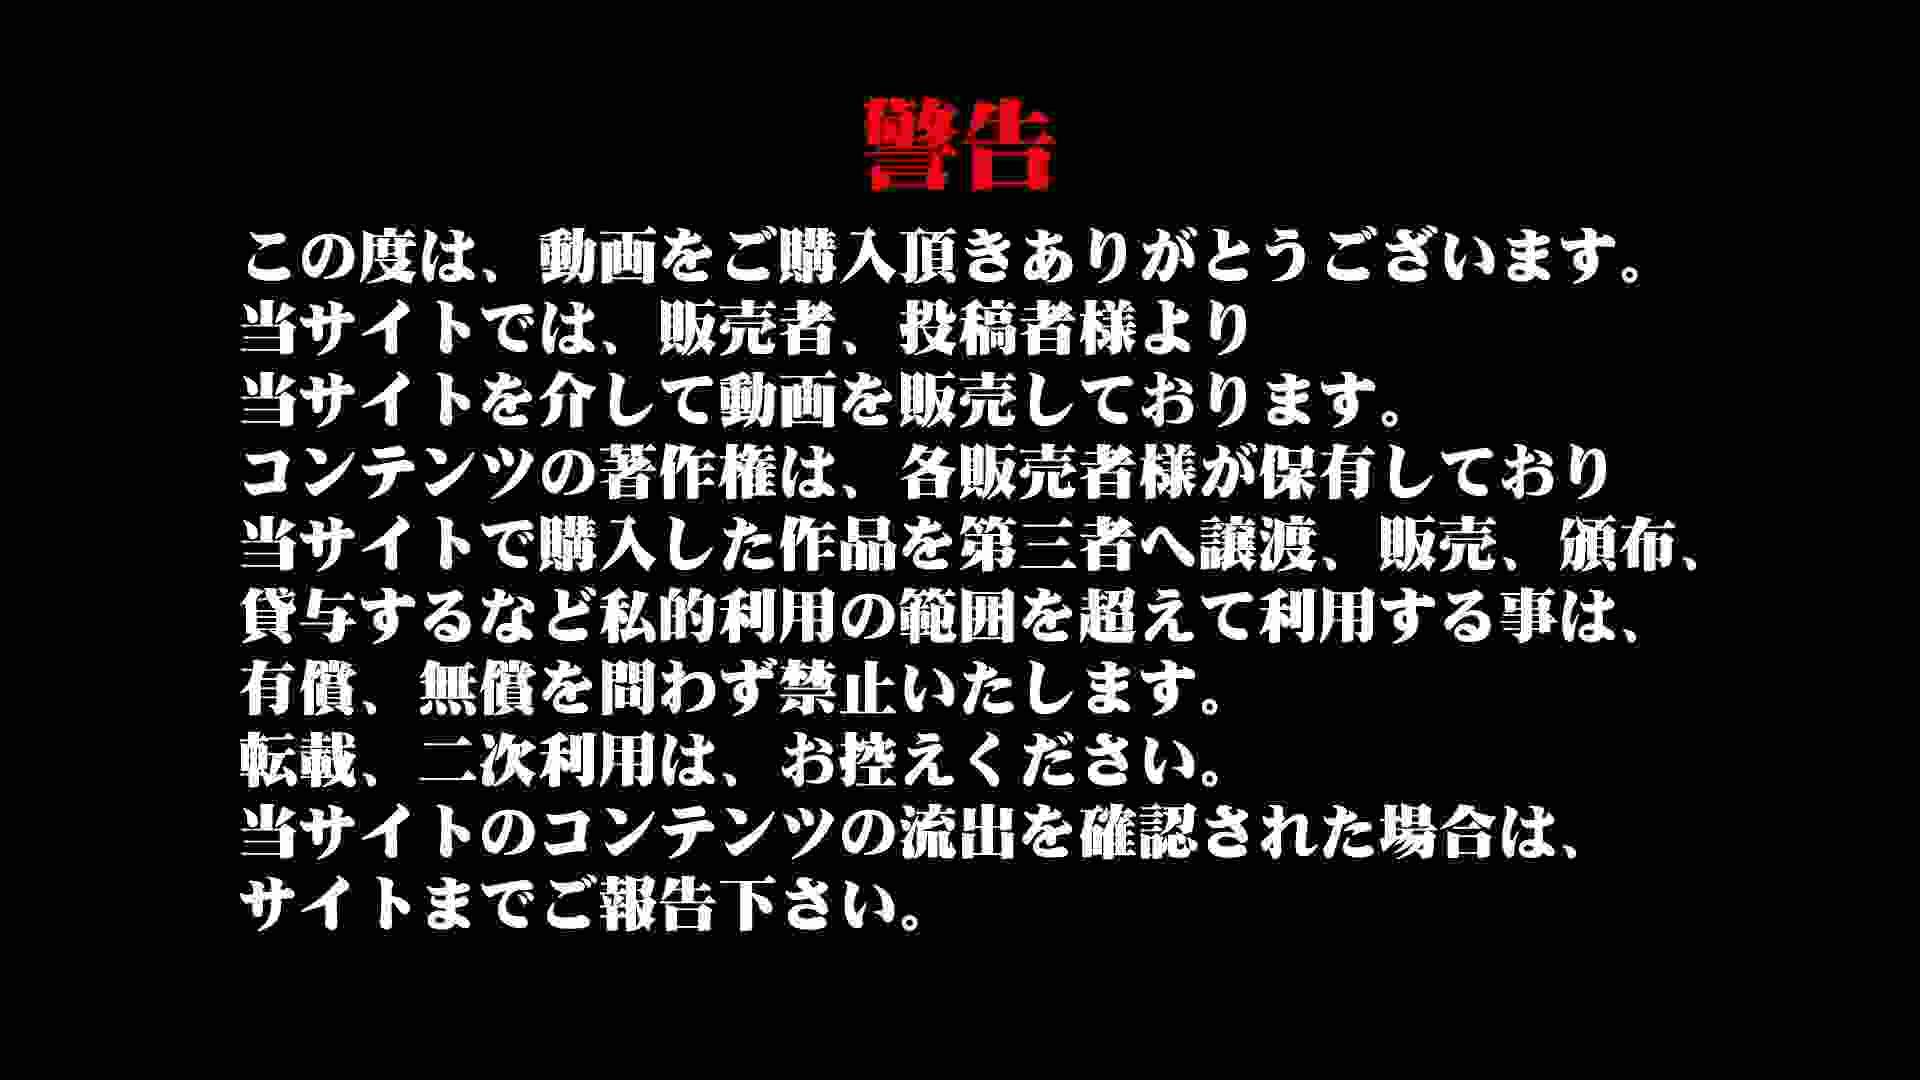 Aquaな露天風呂Vol.902 盗撮 | 露天  59枚 1